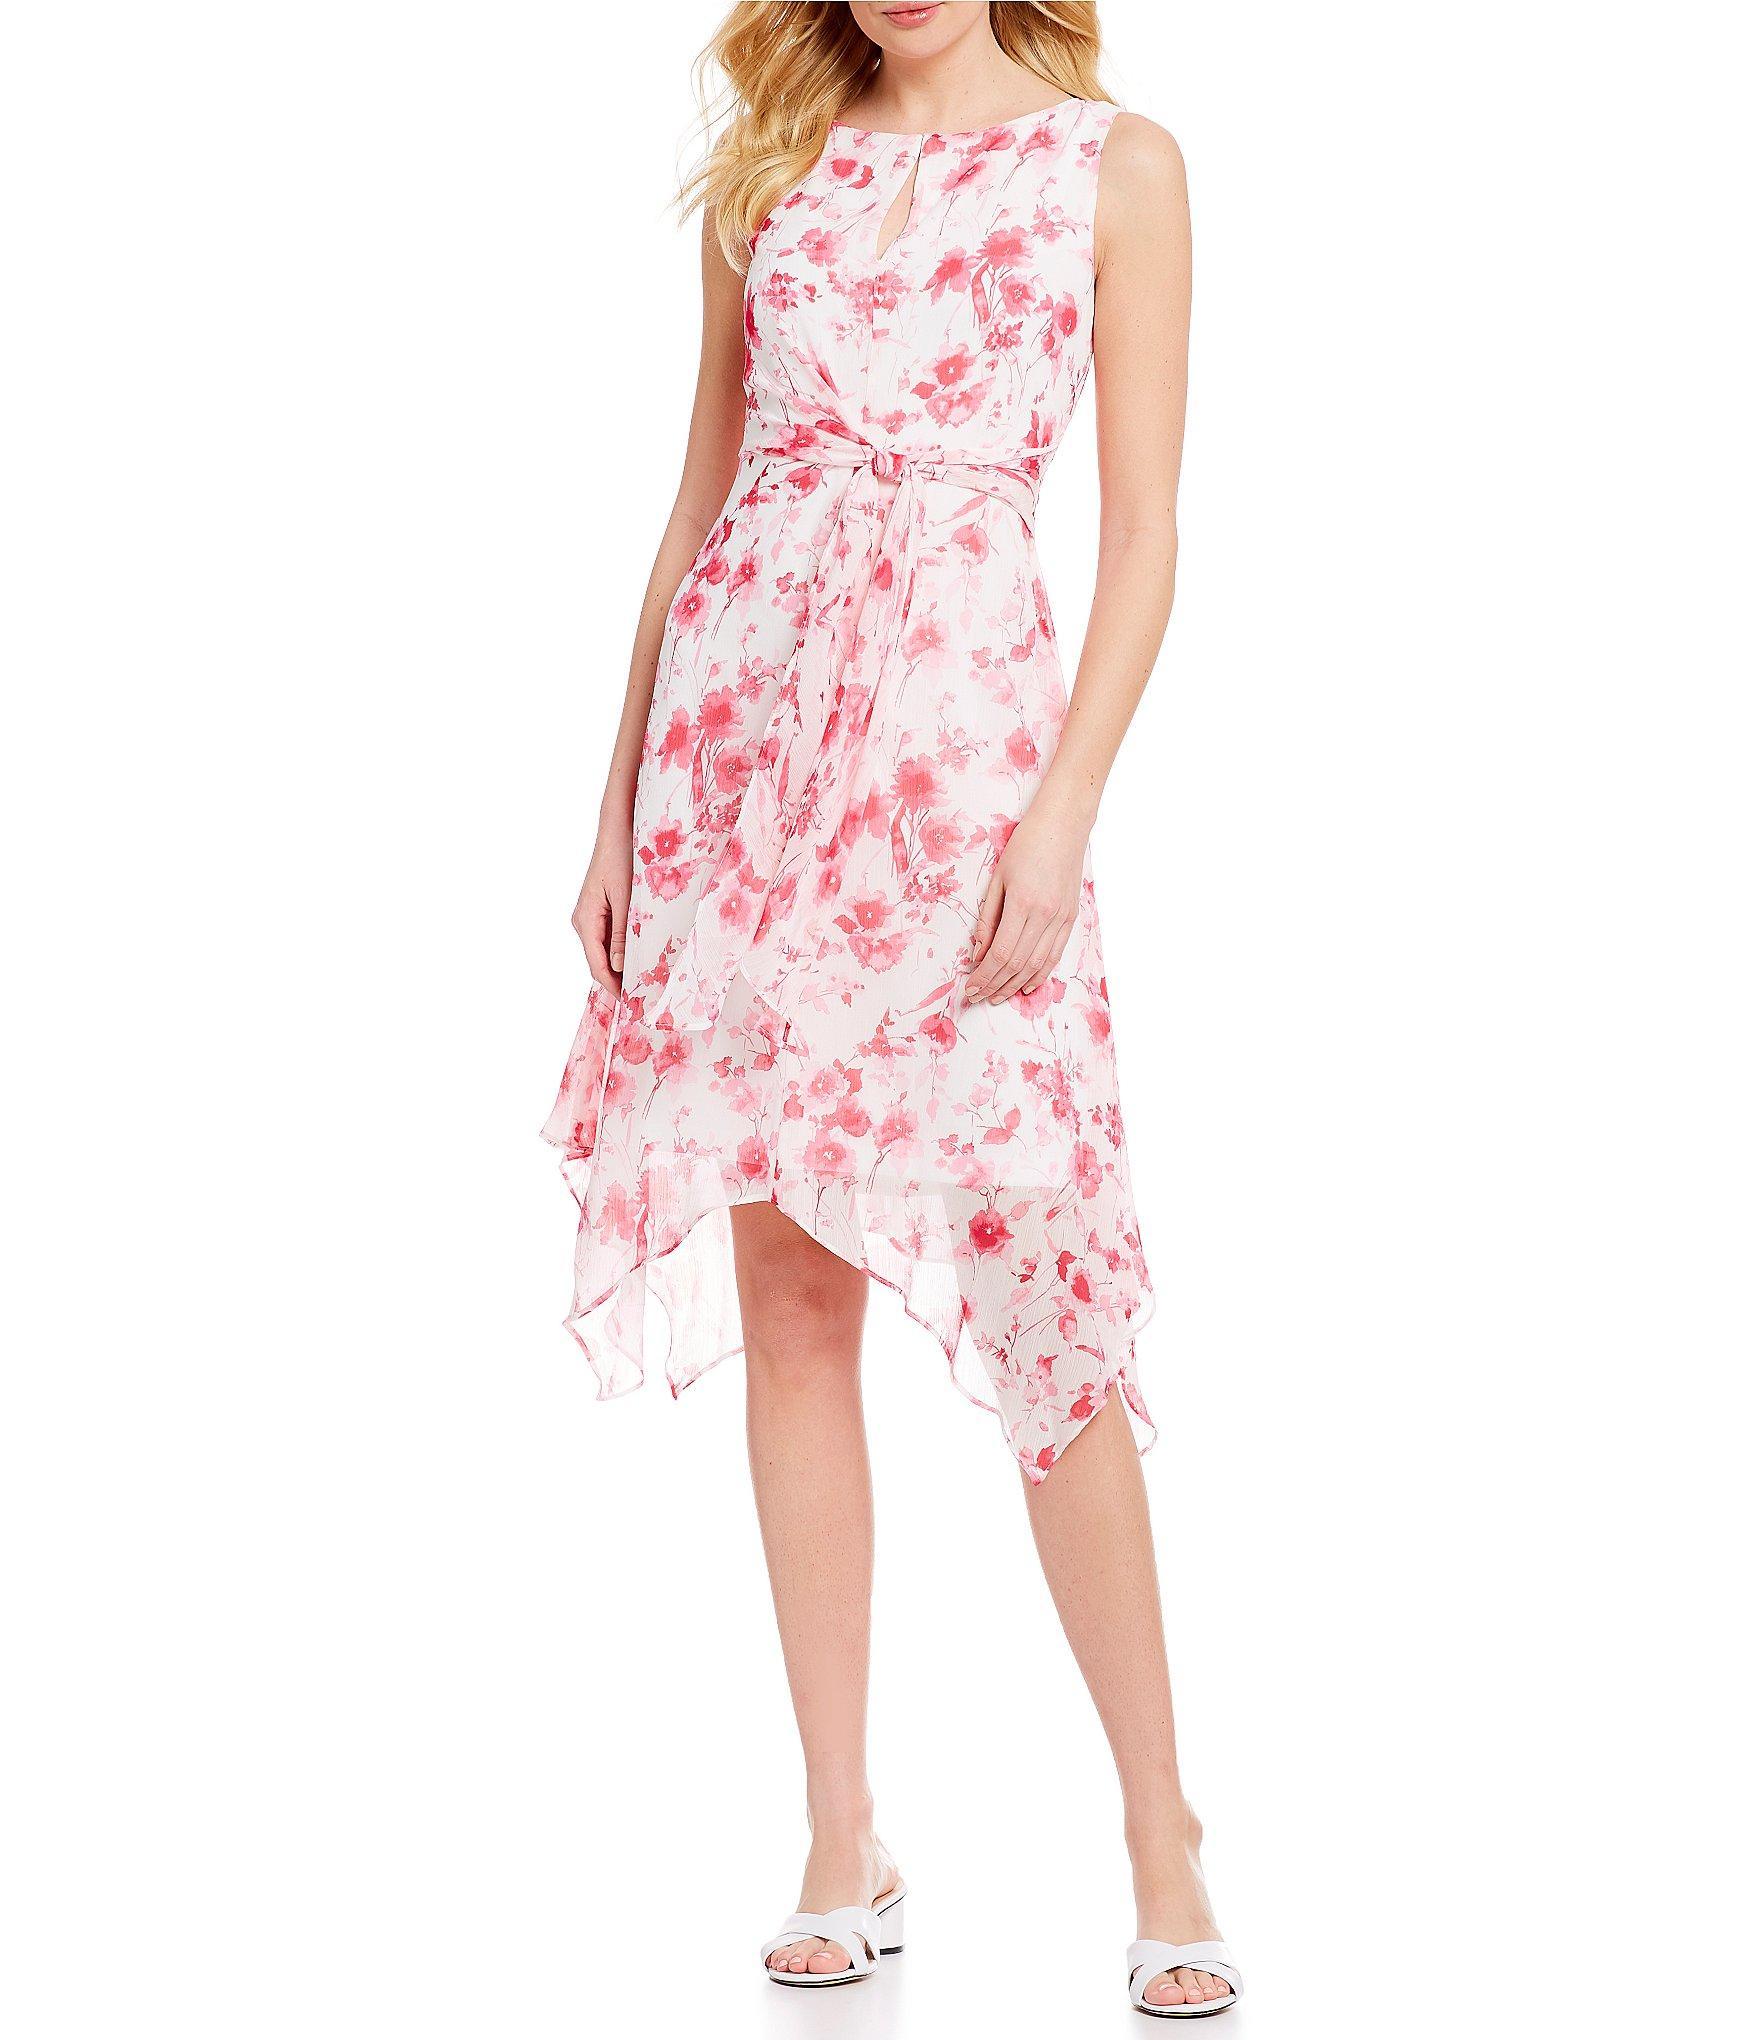 d6774bc4230 Karl Lagerfeld. Women s Pink Floral Print Chiffon Tie Waist Sharkbite Hem  Midi Dress